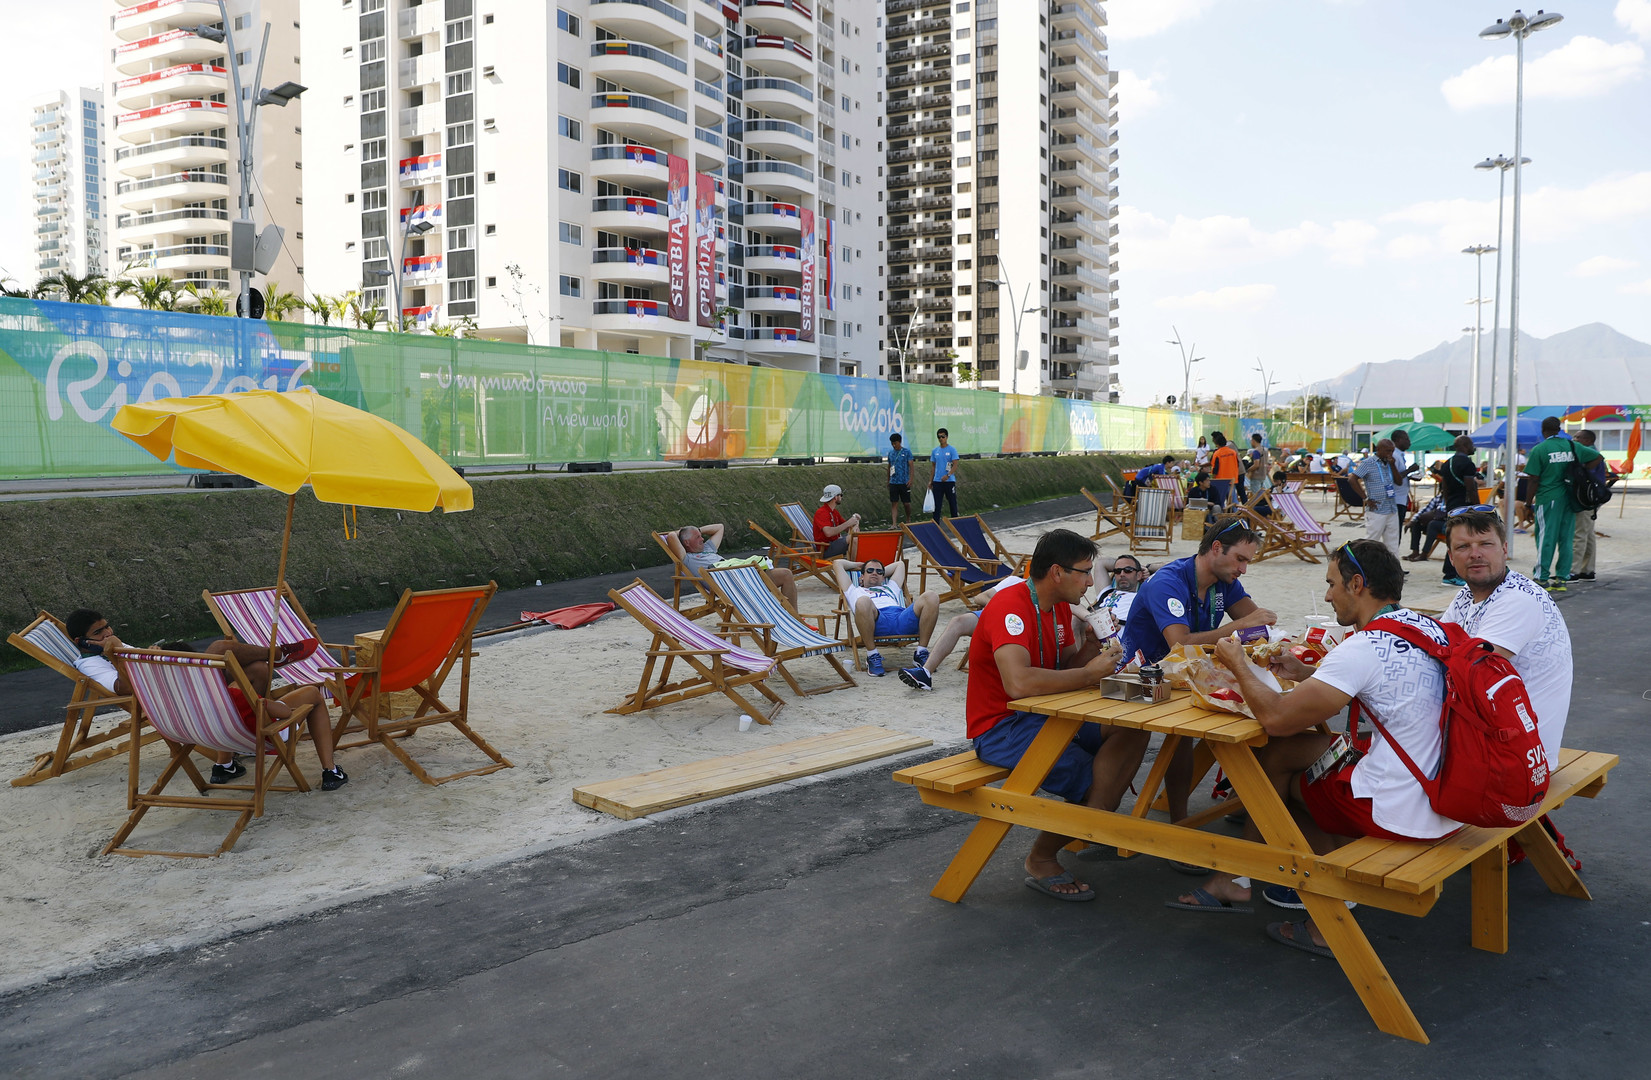 Slowakisches Nationalteam im Olympischen Dorf in Rio